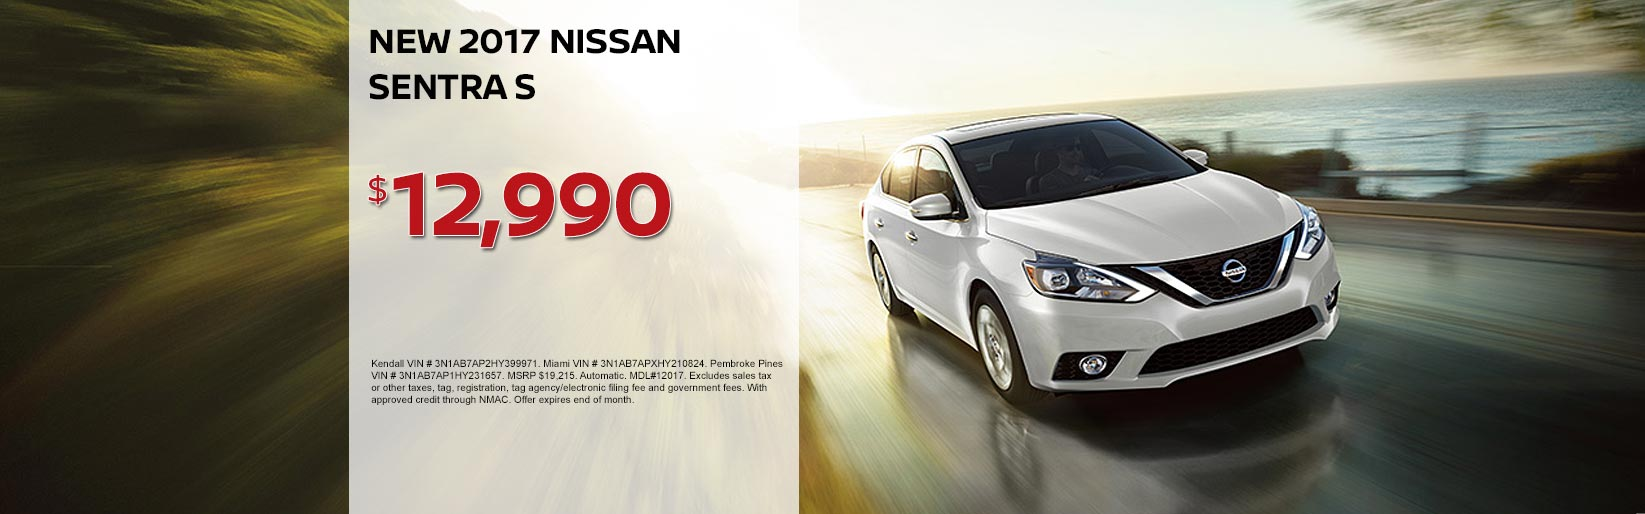 Nissan las vegas nissan dealership near me in las vegas autonation nissan las vegas